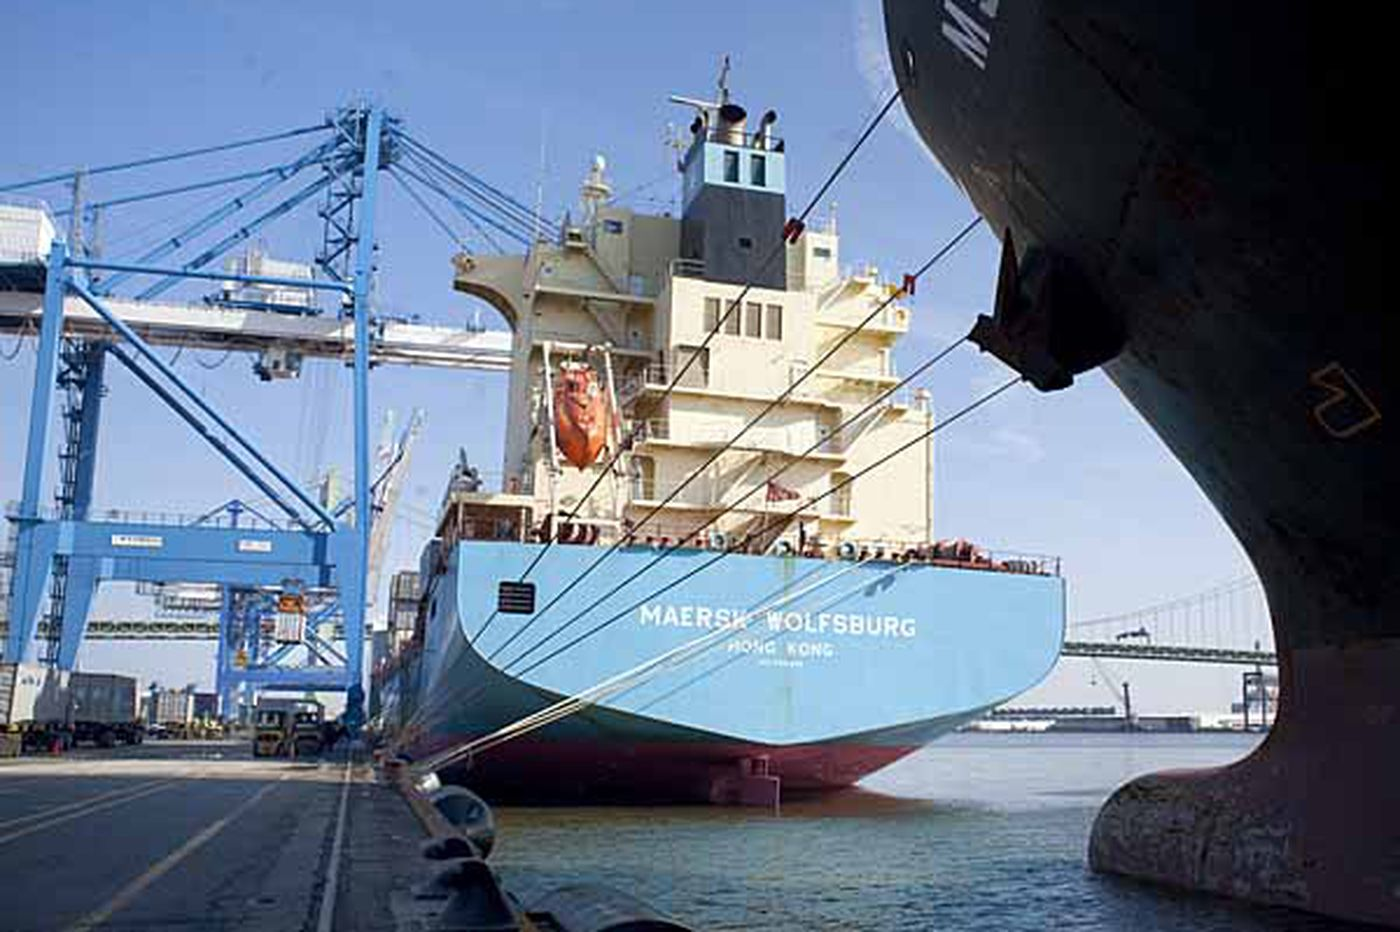 Port strike averted for now